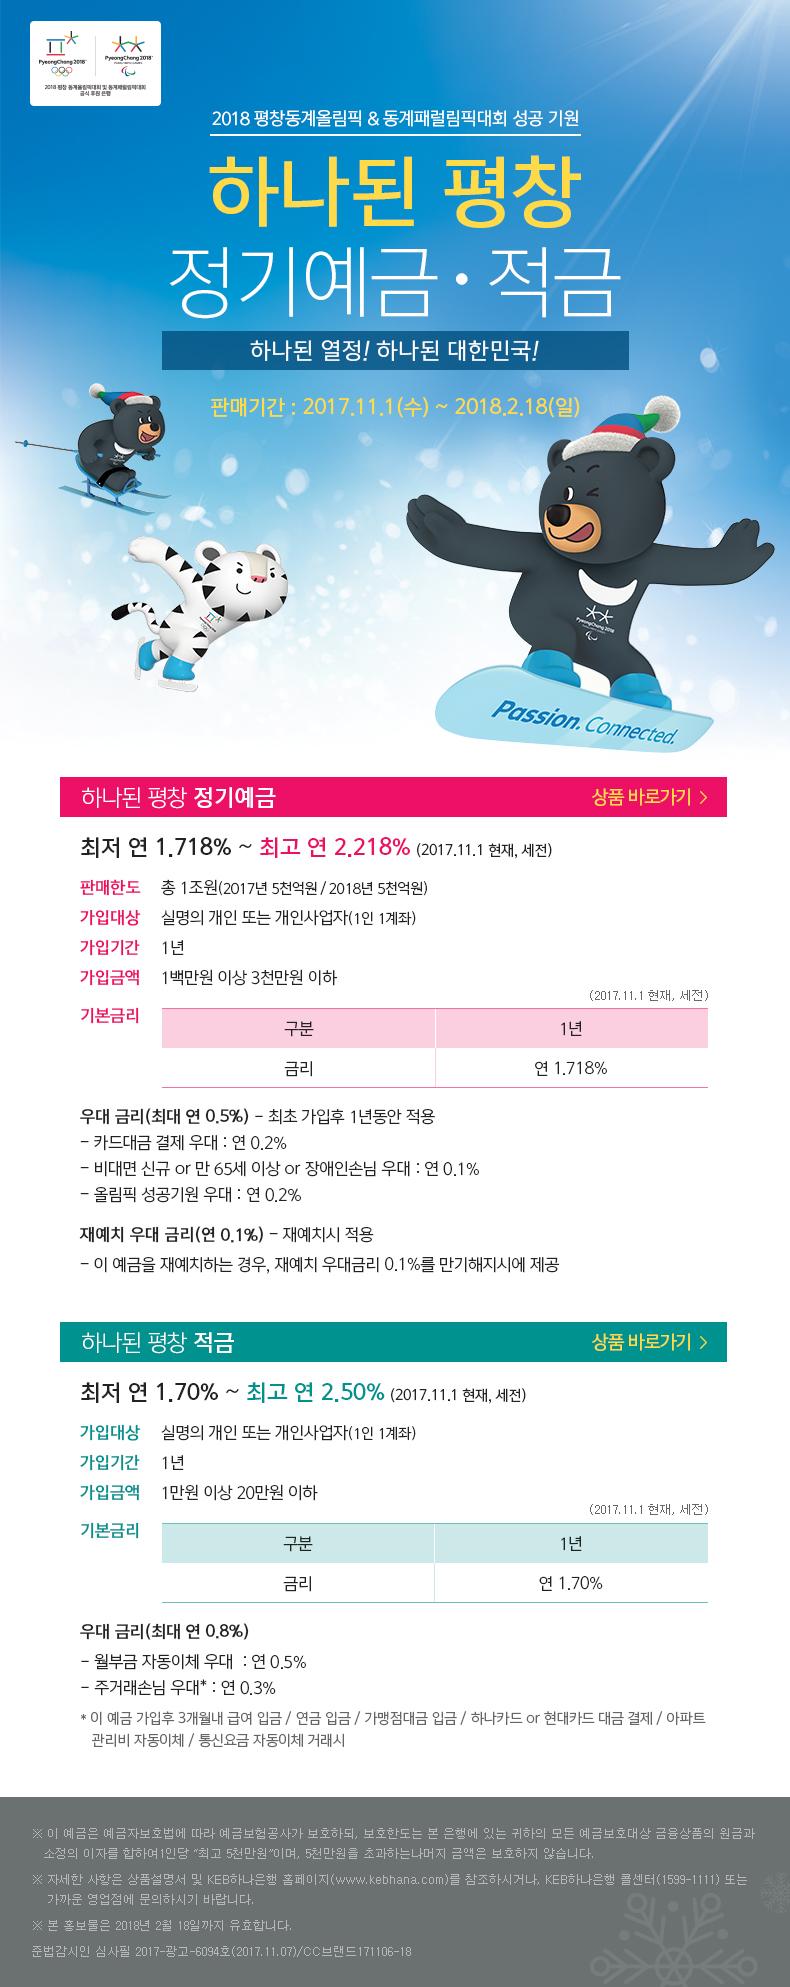 2018년 평창 동계올림픽 & 동계패럴림픽대회 성공 기원